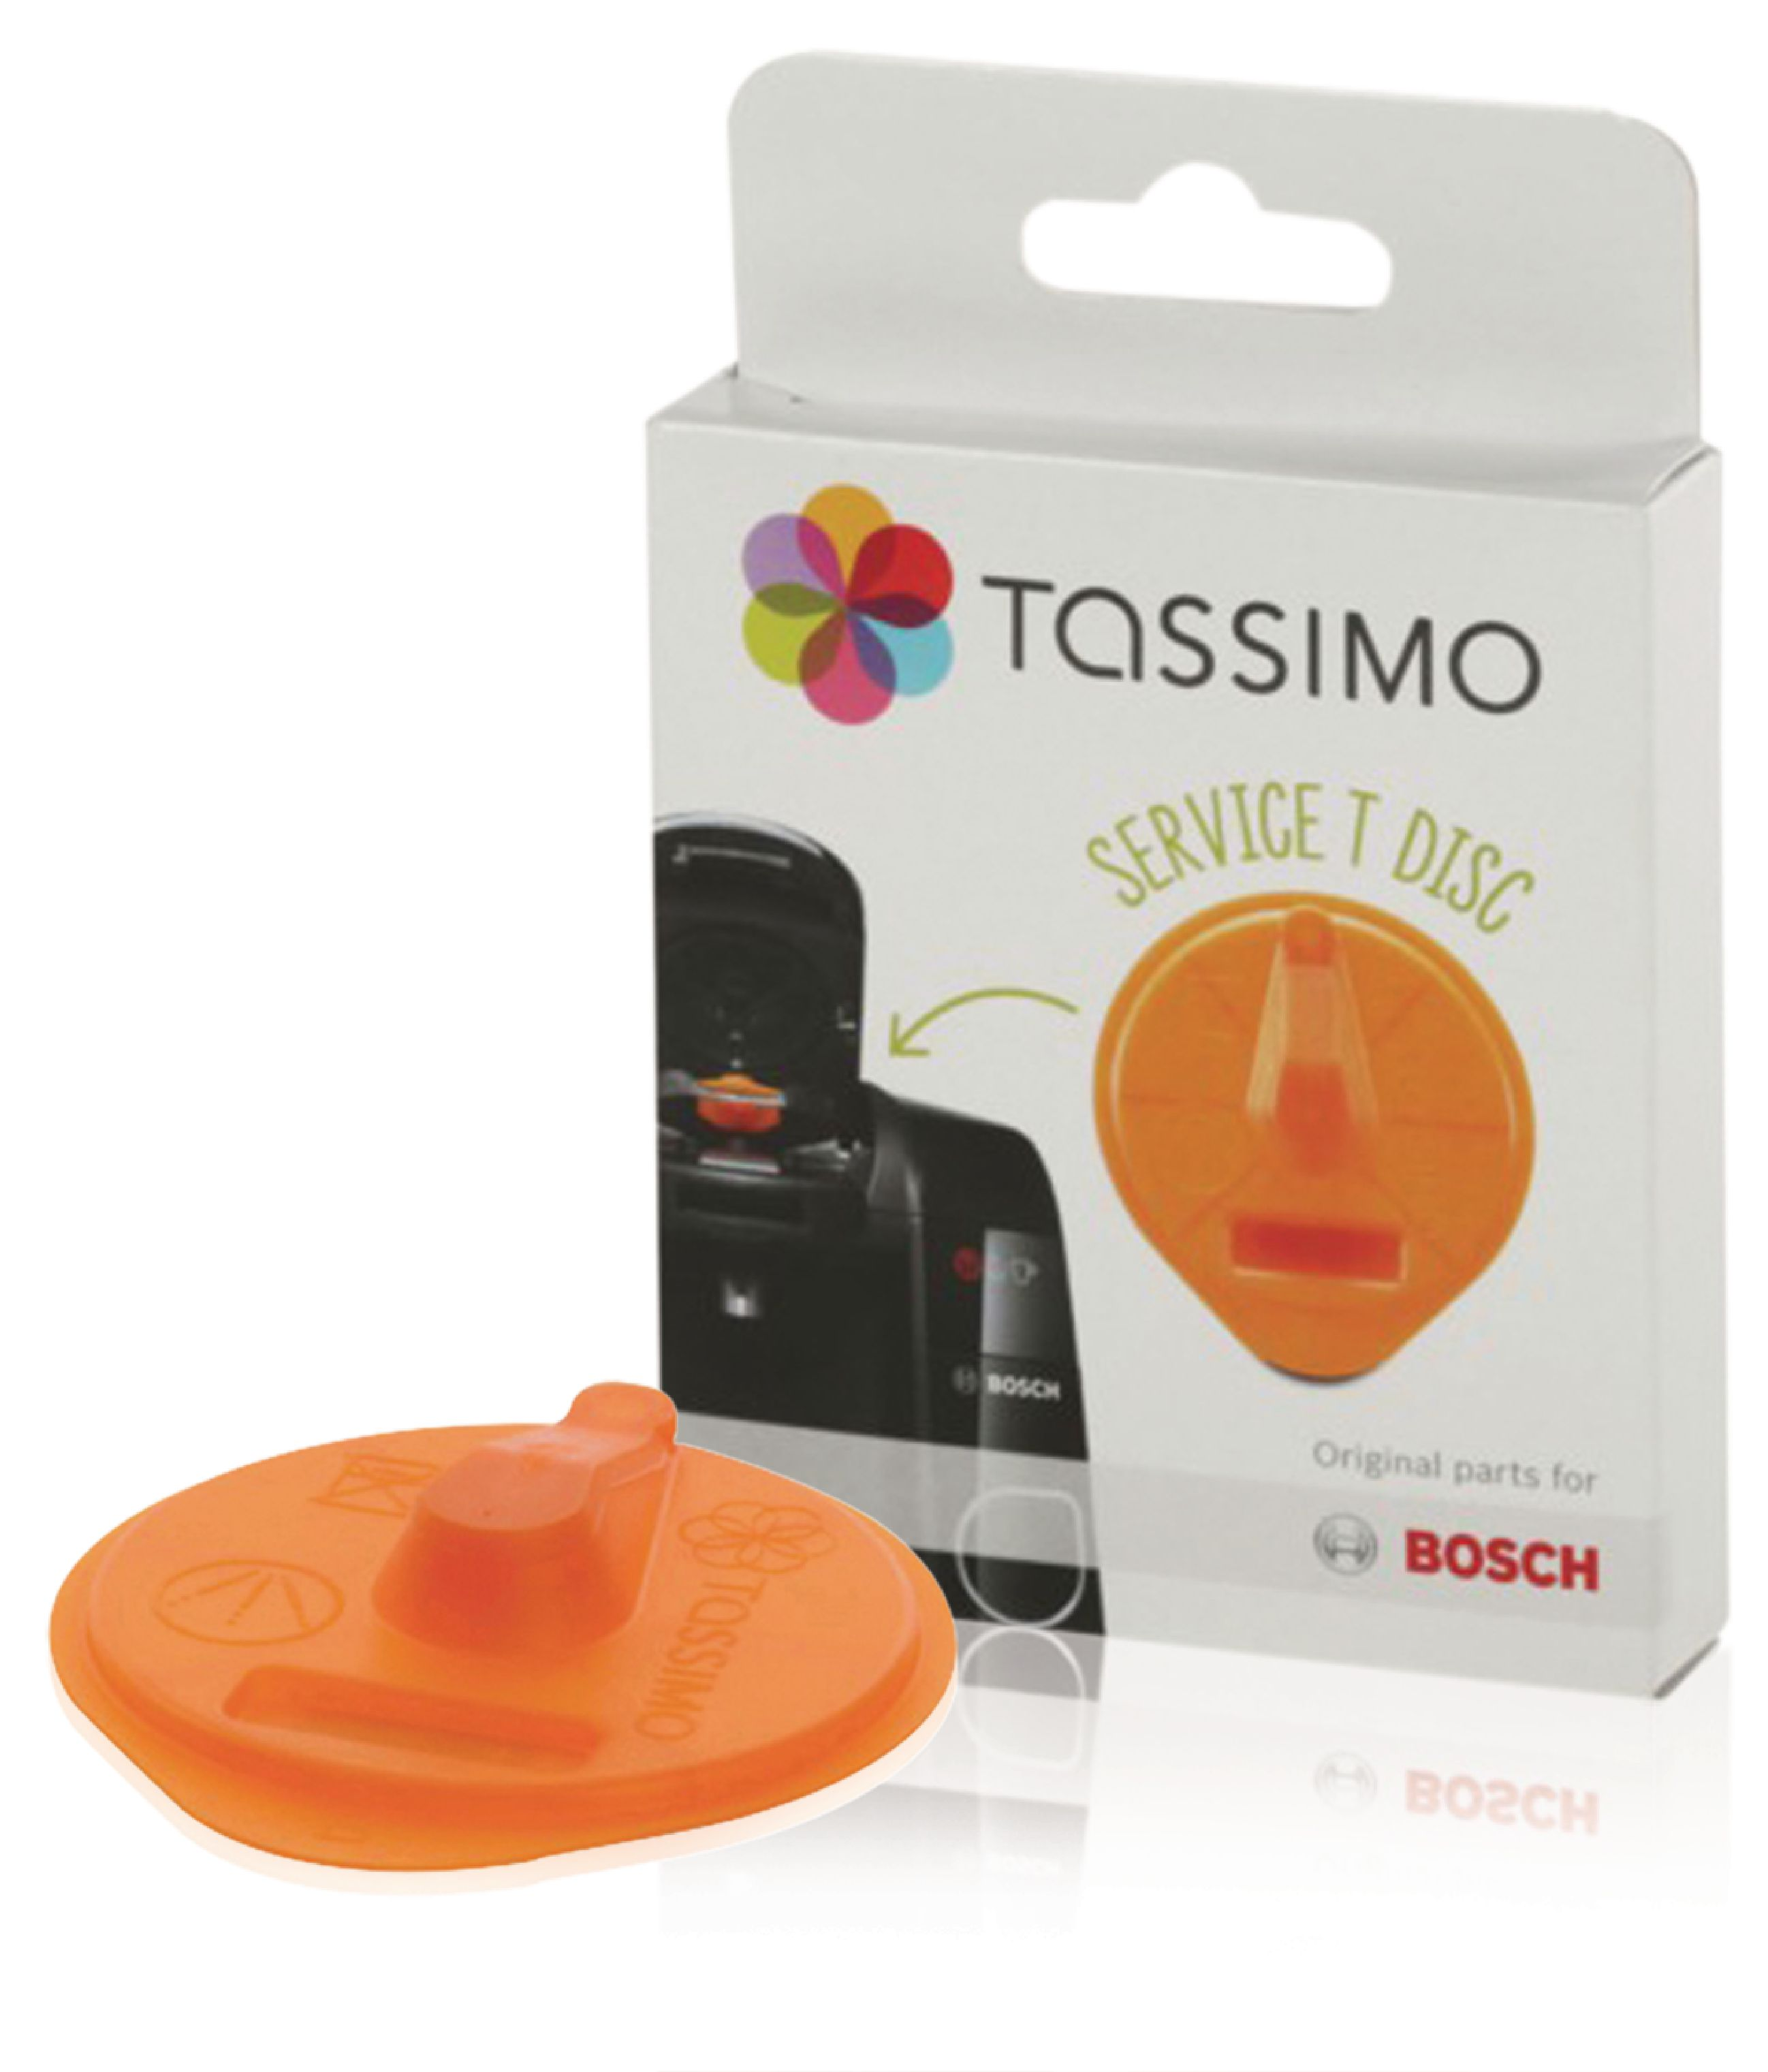 Servisní T-Disk pro kávovar Tassimo Bosh 576837